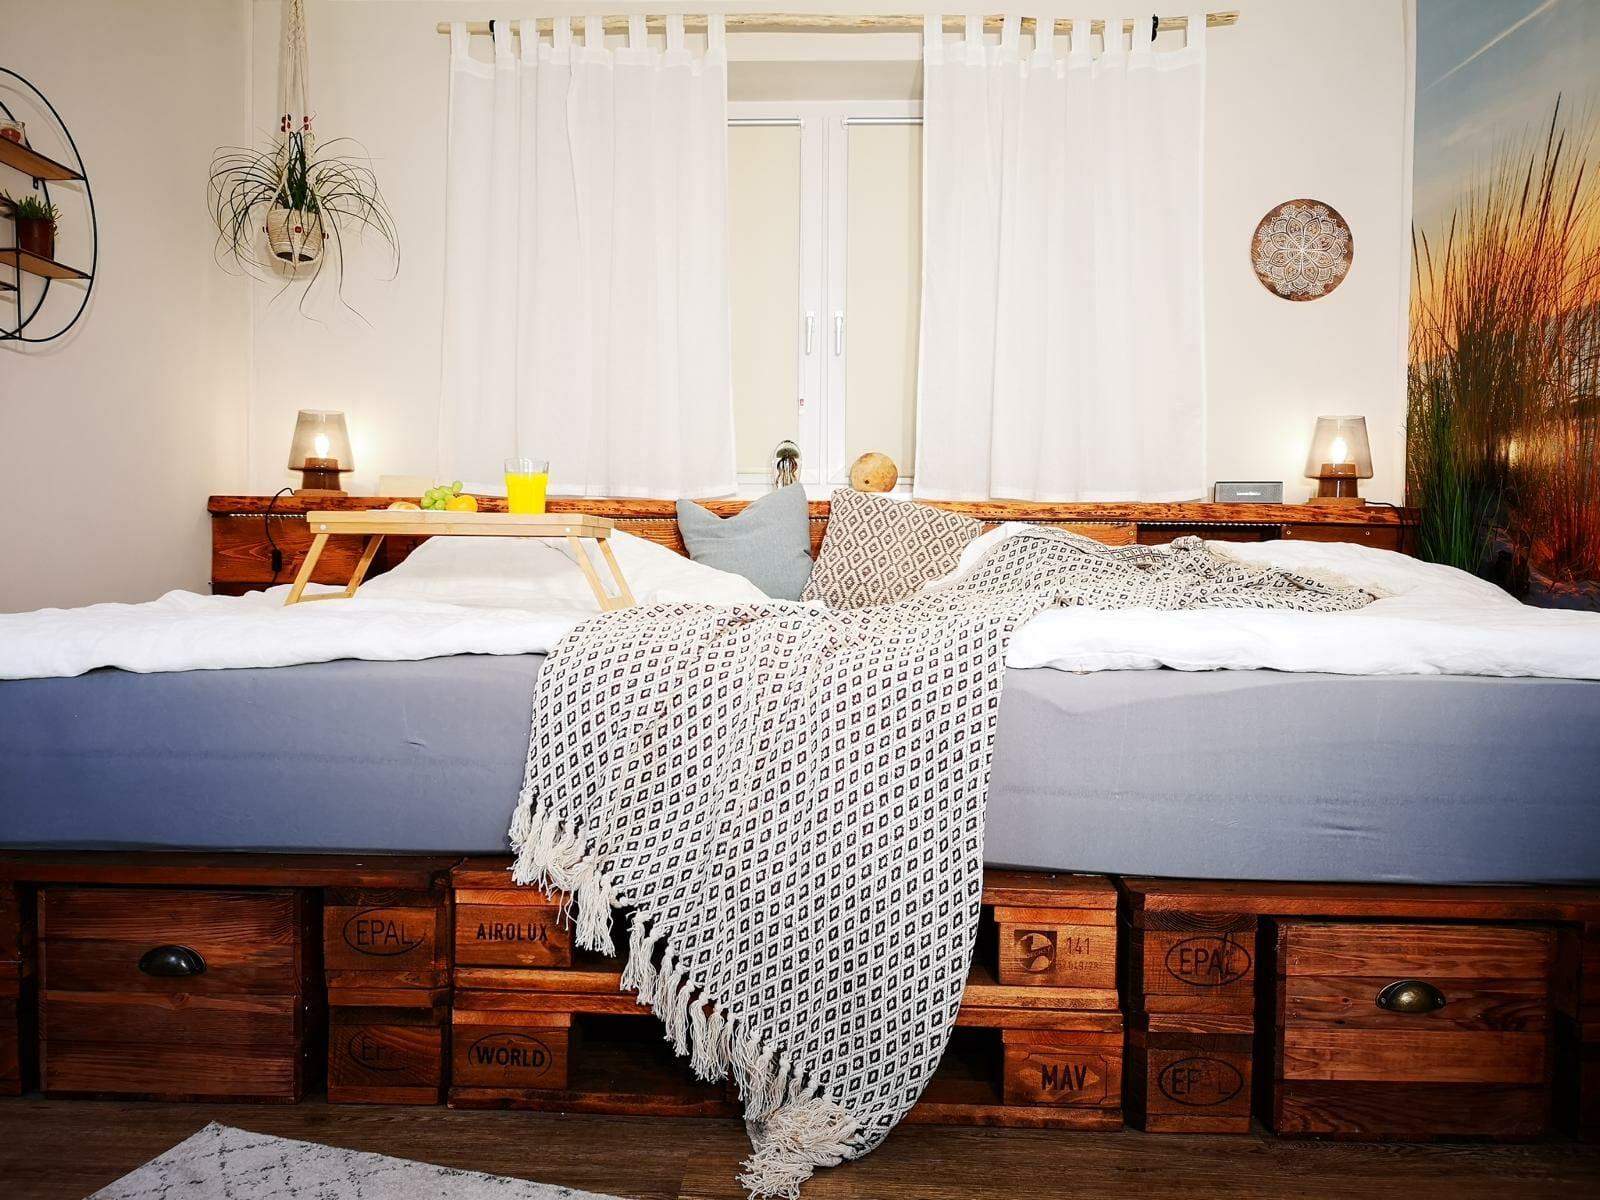 Full Size of Günstiges Bett Palettenbett Selber Bauen Kaufen Europaletten Betten Altes Ausziehbares Balken 140x200 Ohne Kopfteil 120x200 Mit Bettkasten 140 Gepolstertem Bett Günstiges Bett